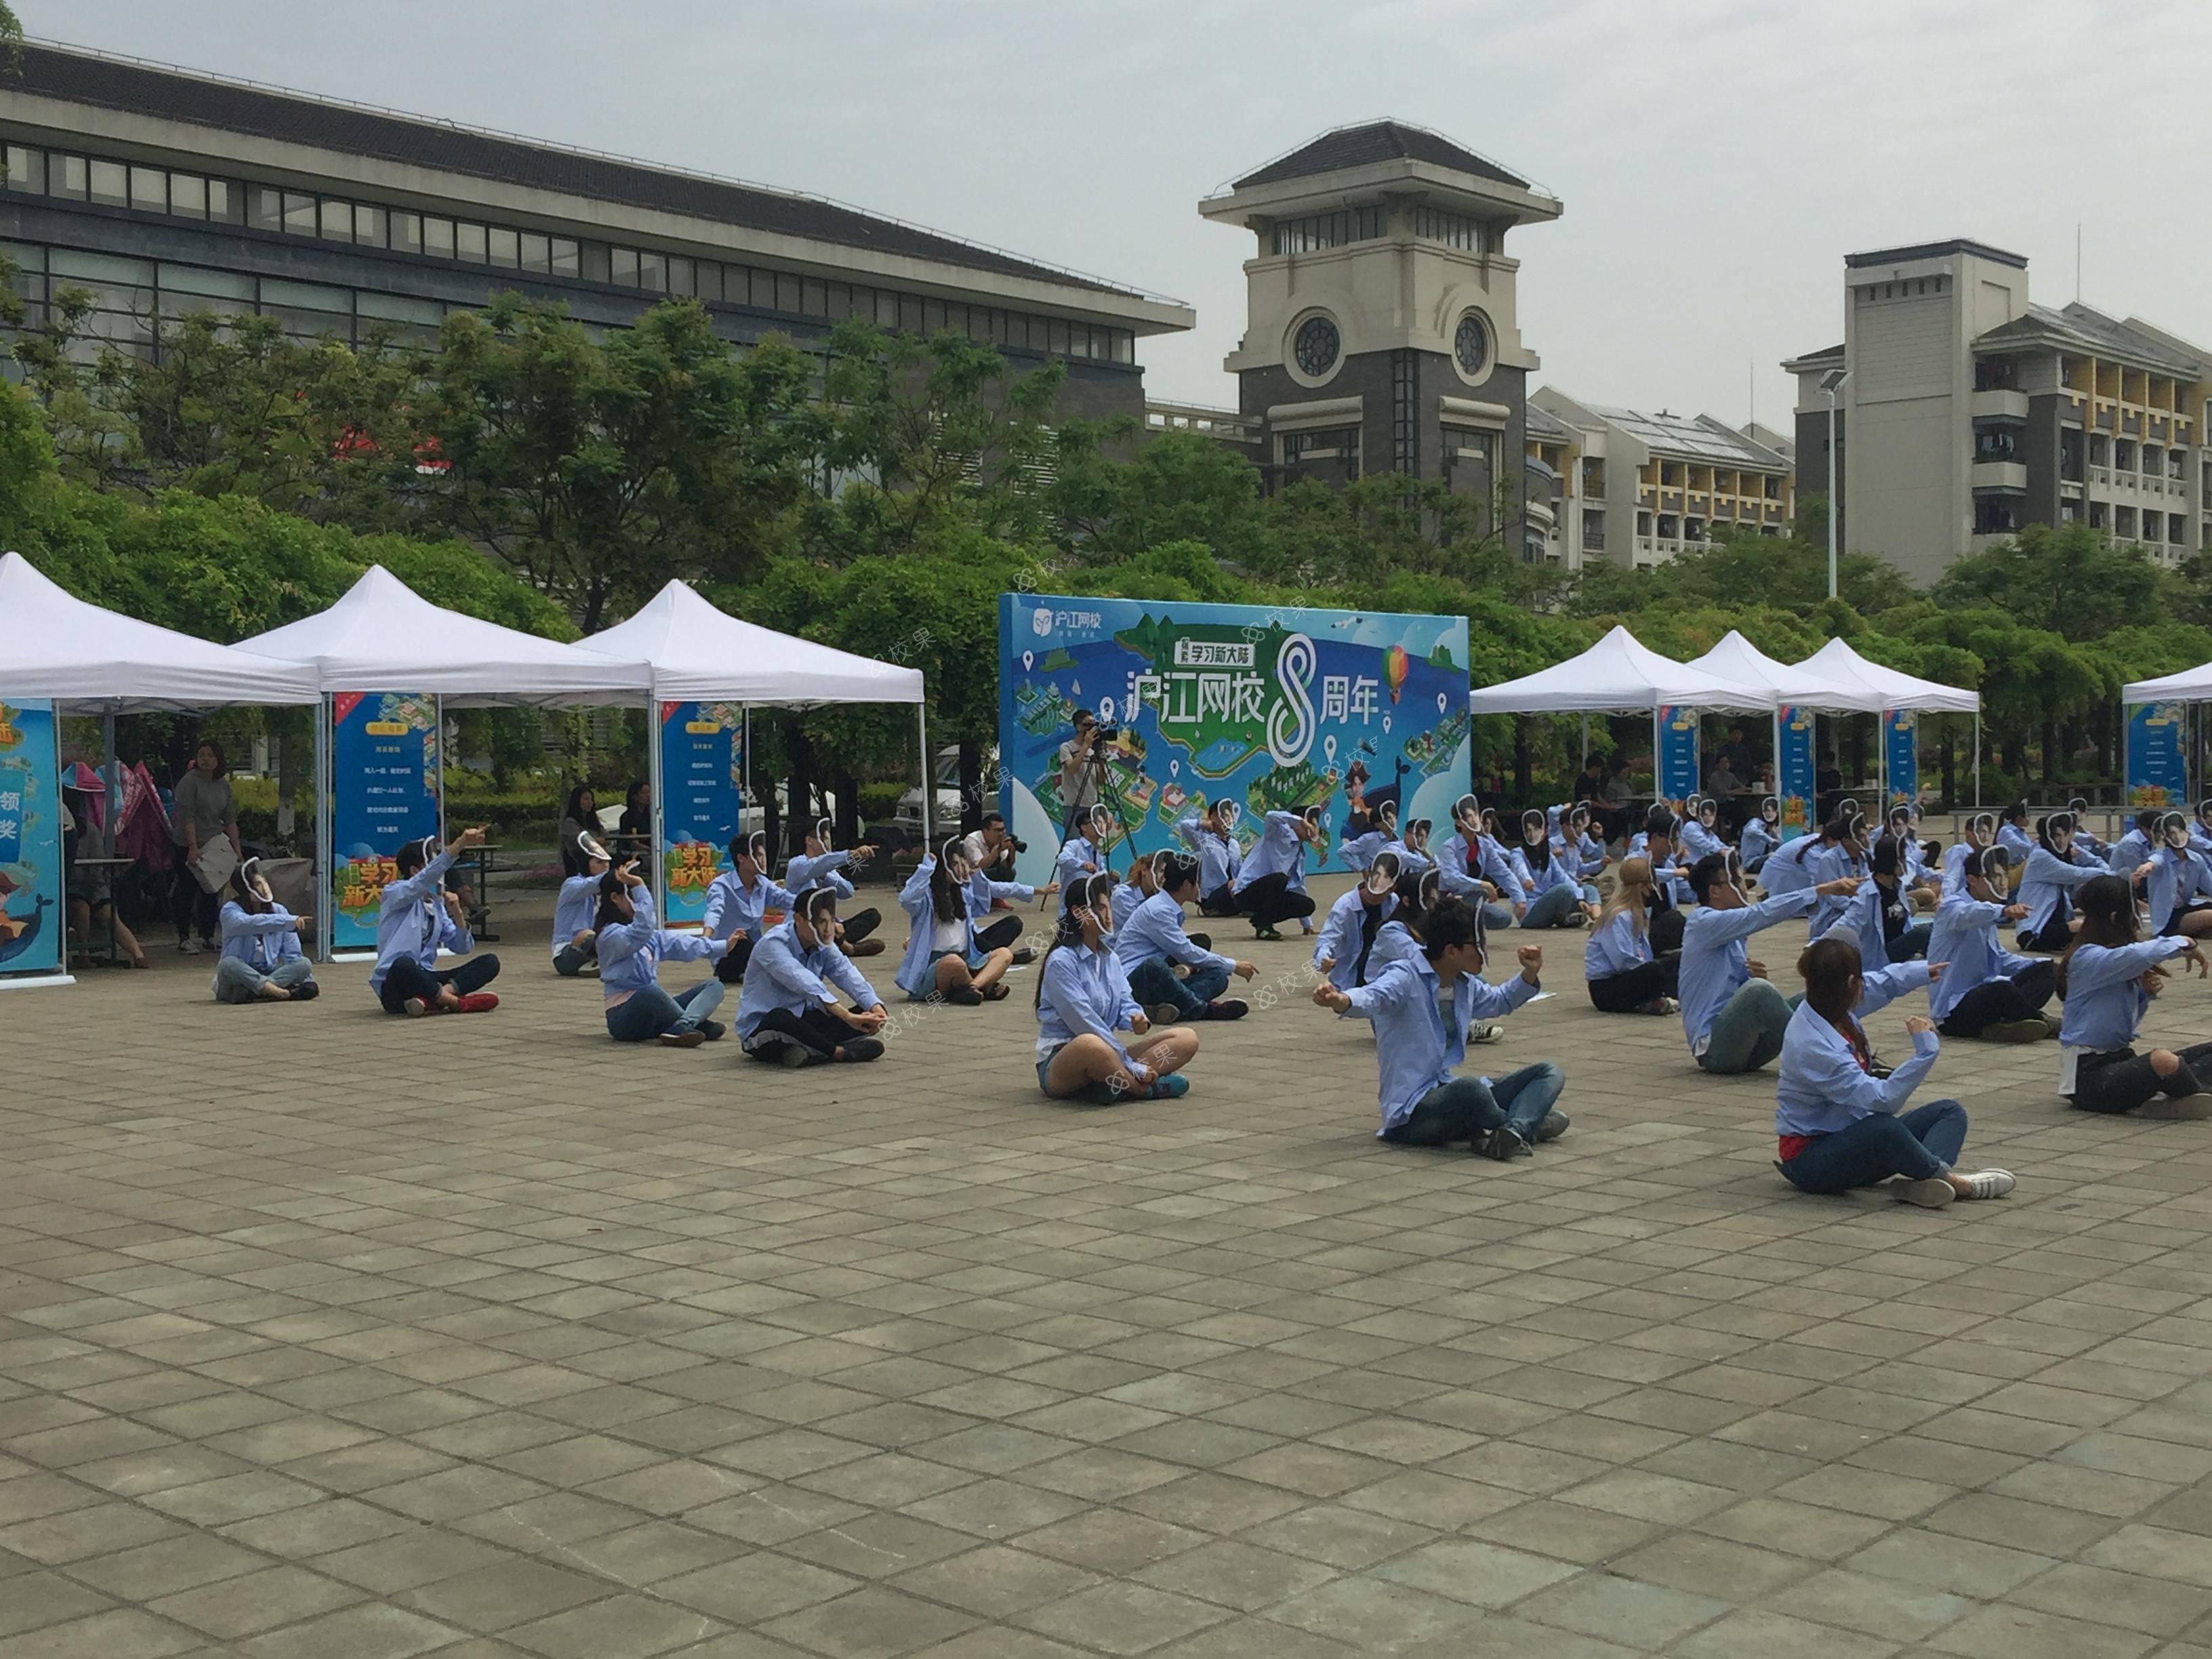 校果-上海海洋大学临港校区路演场地-海星广场租借,校园推广